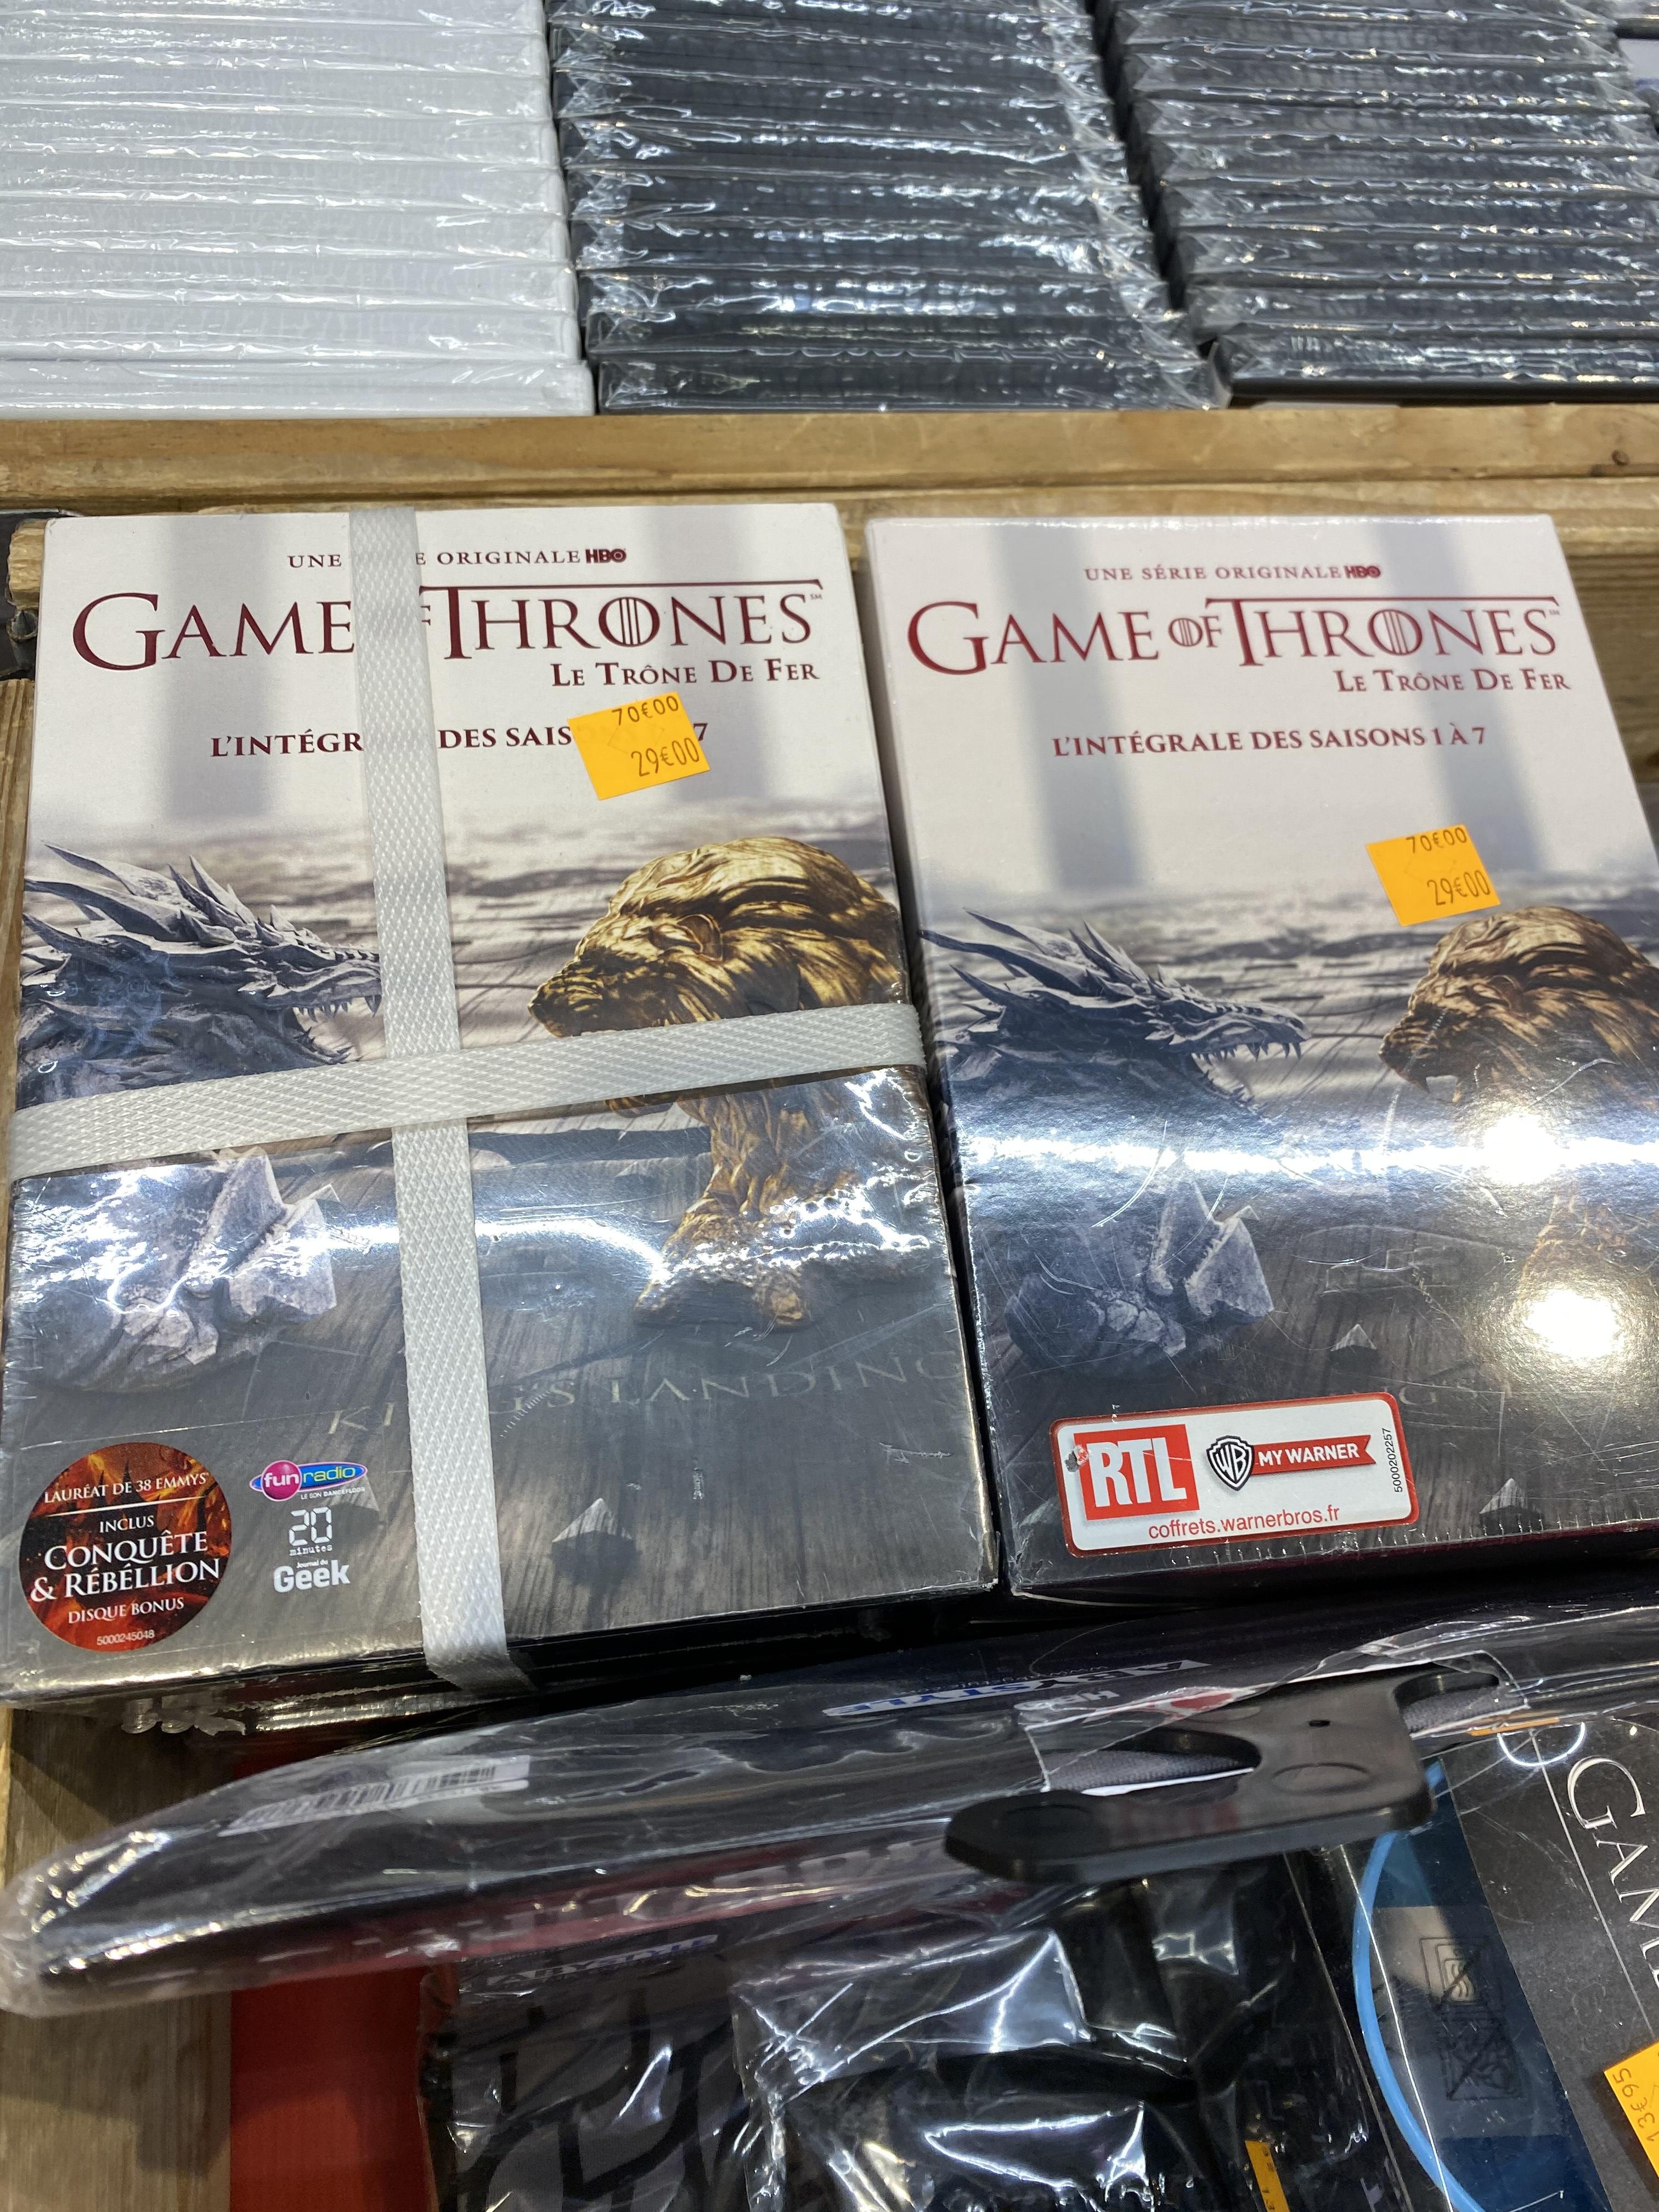 Coffret DVD Game of Thrones (Le Trône de Fer) - L'intégrale des saisons 1 à 7 - Ivry sur Seine (94)